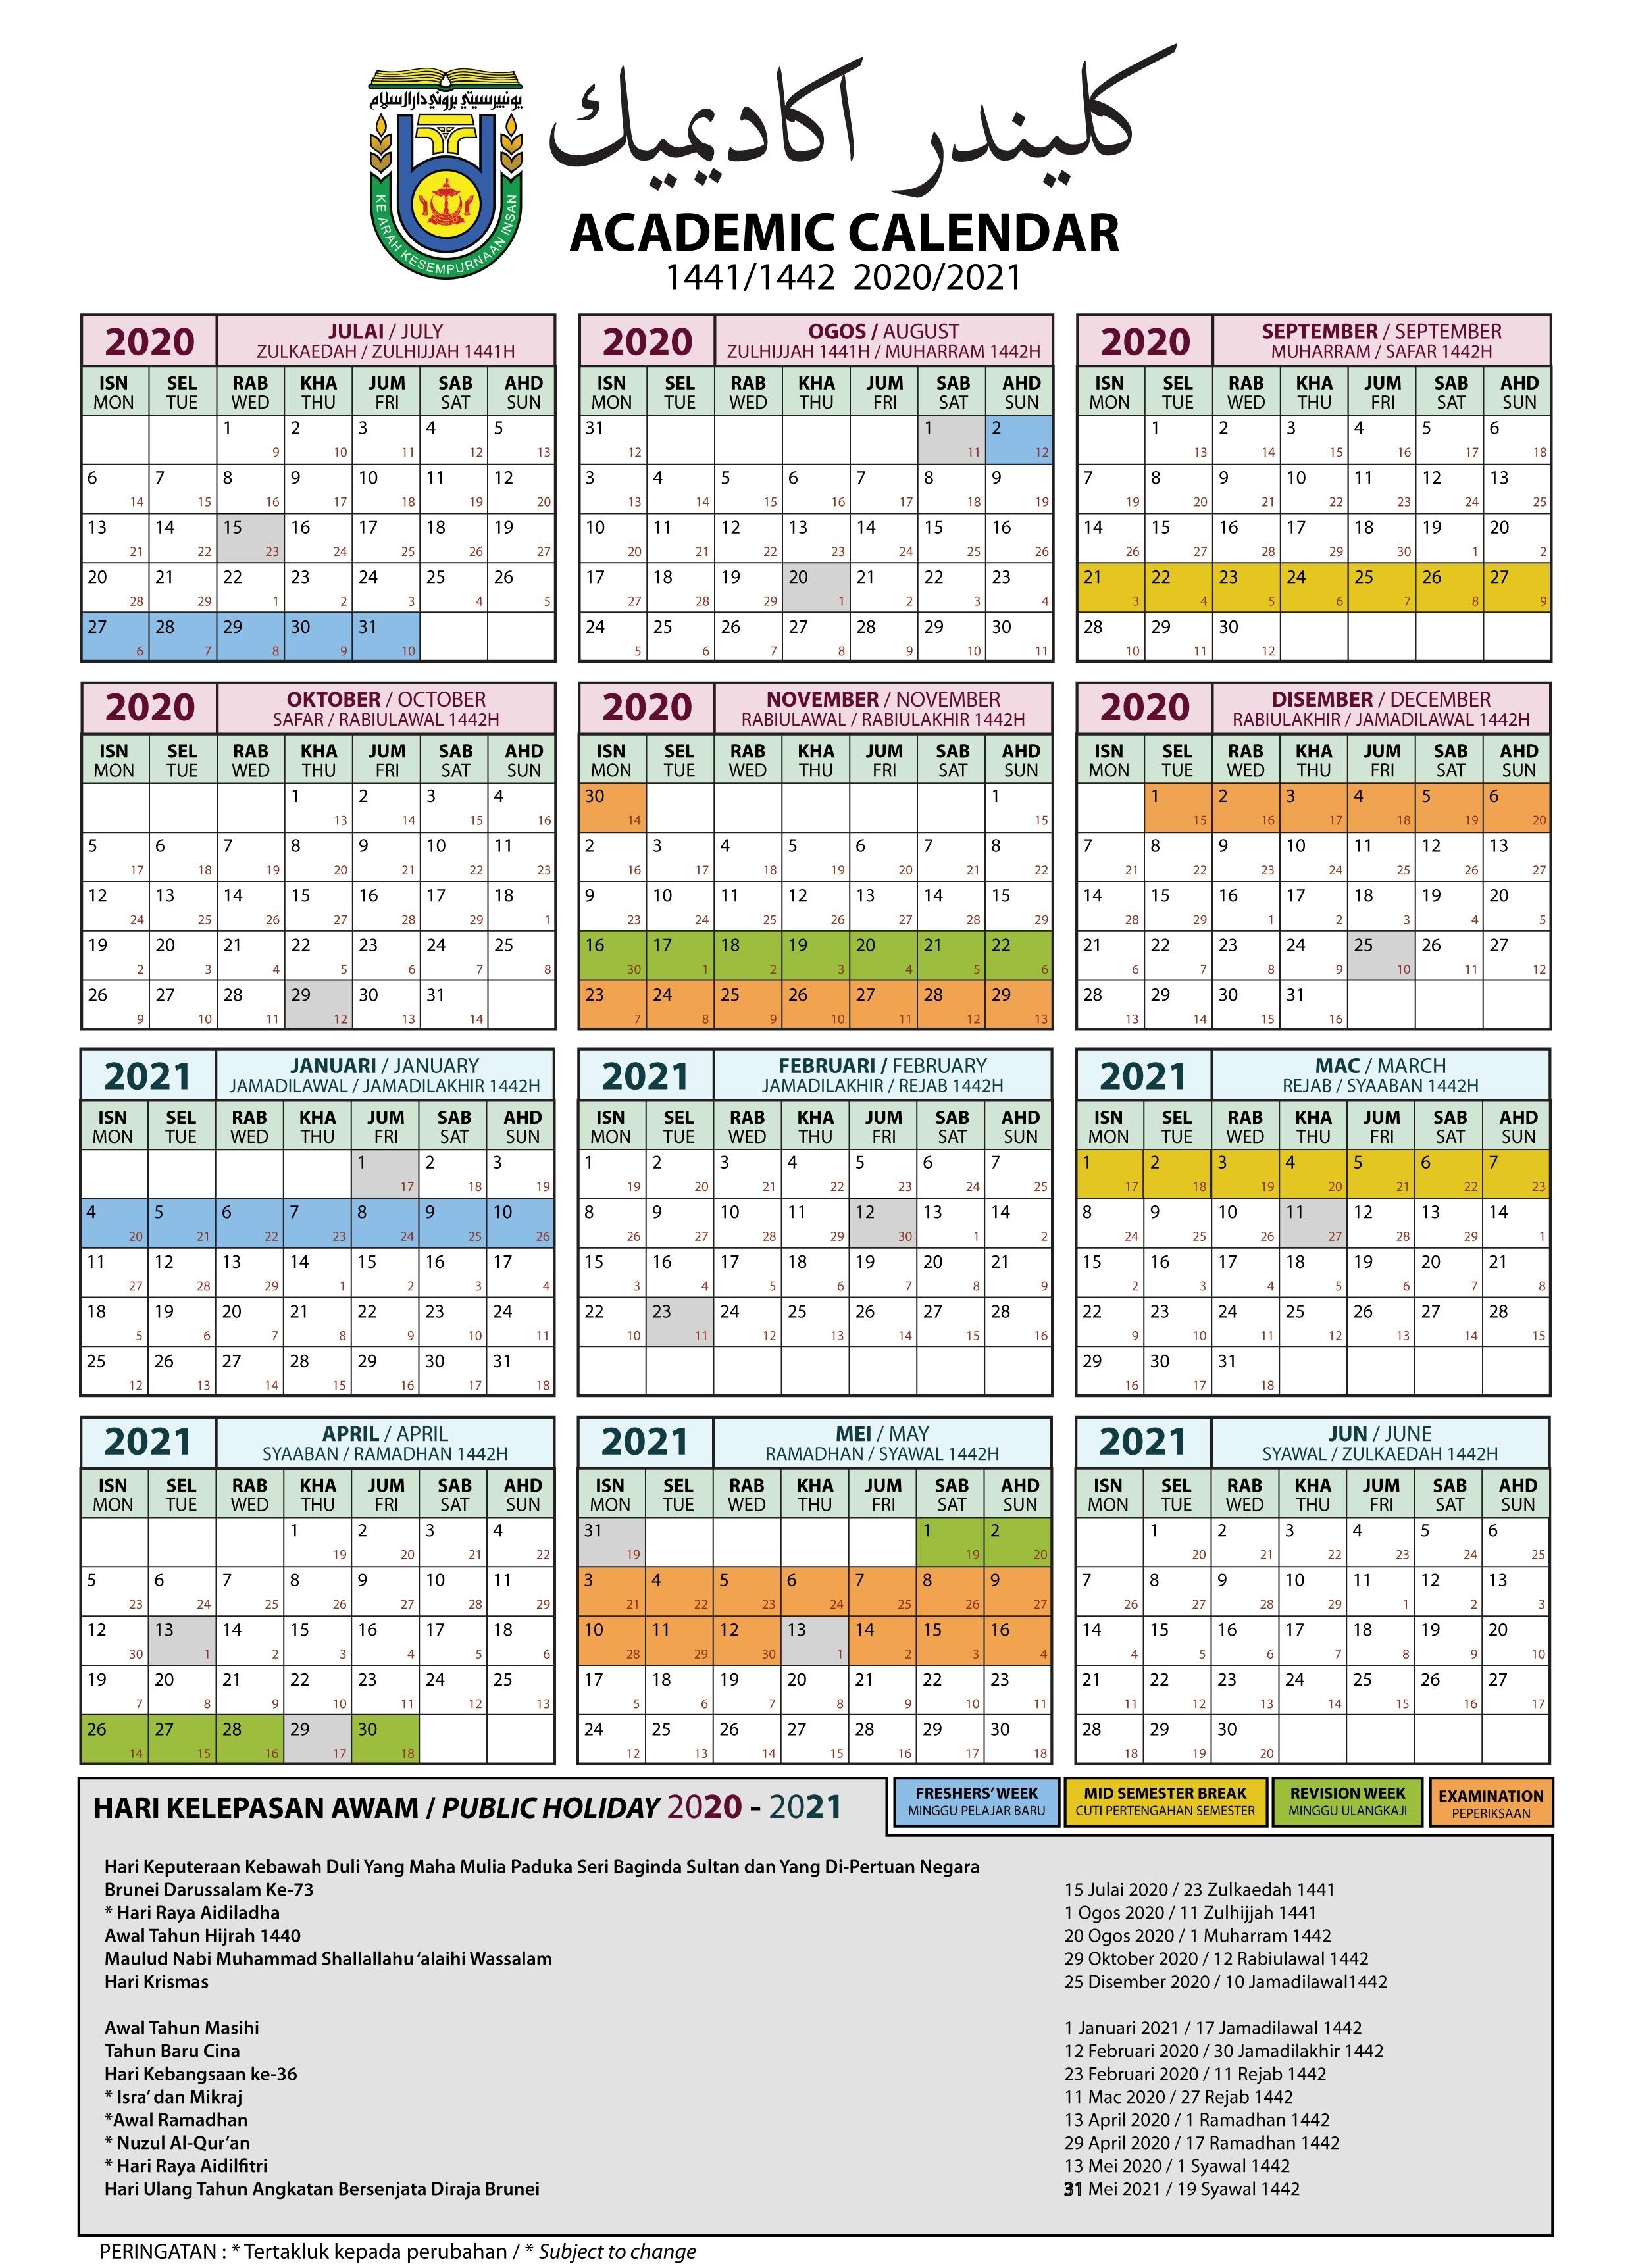 Universiti Brunei Darussalam July 2021 Islamic Calendar